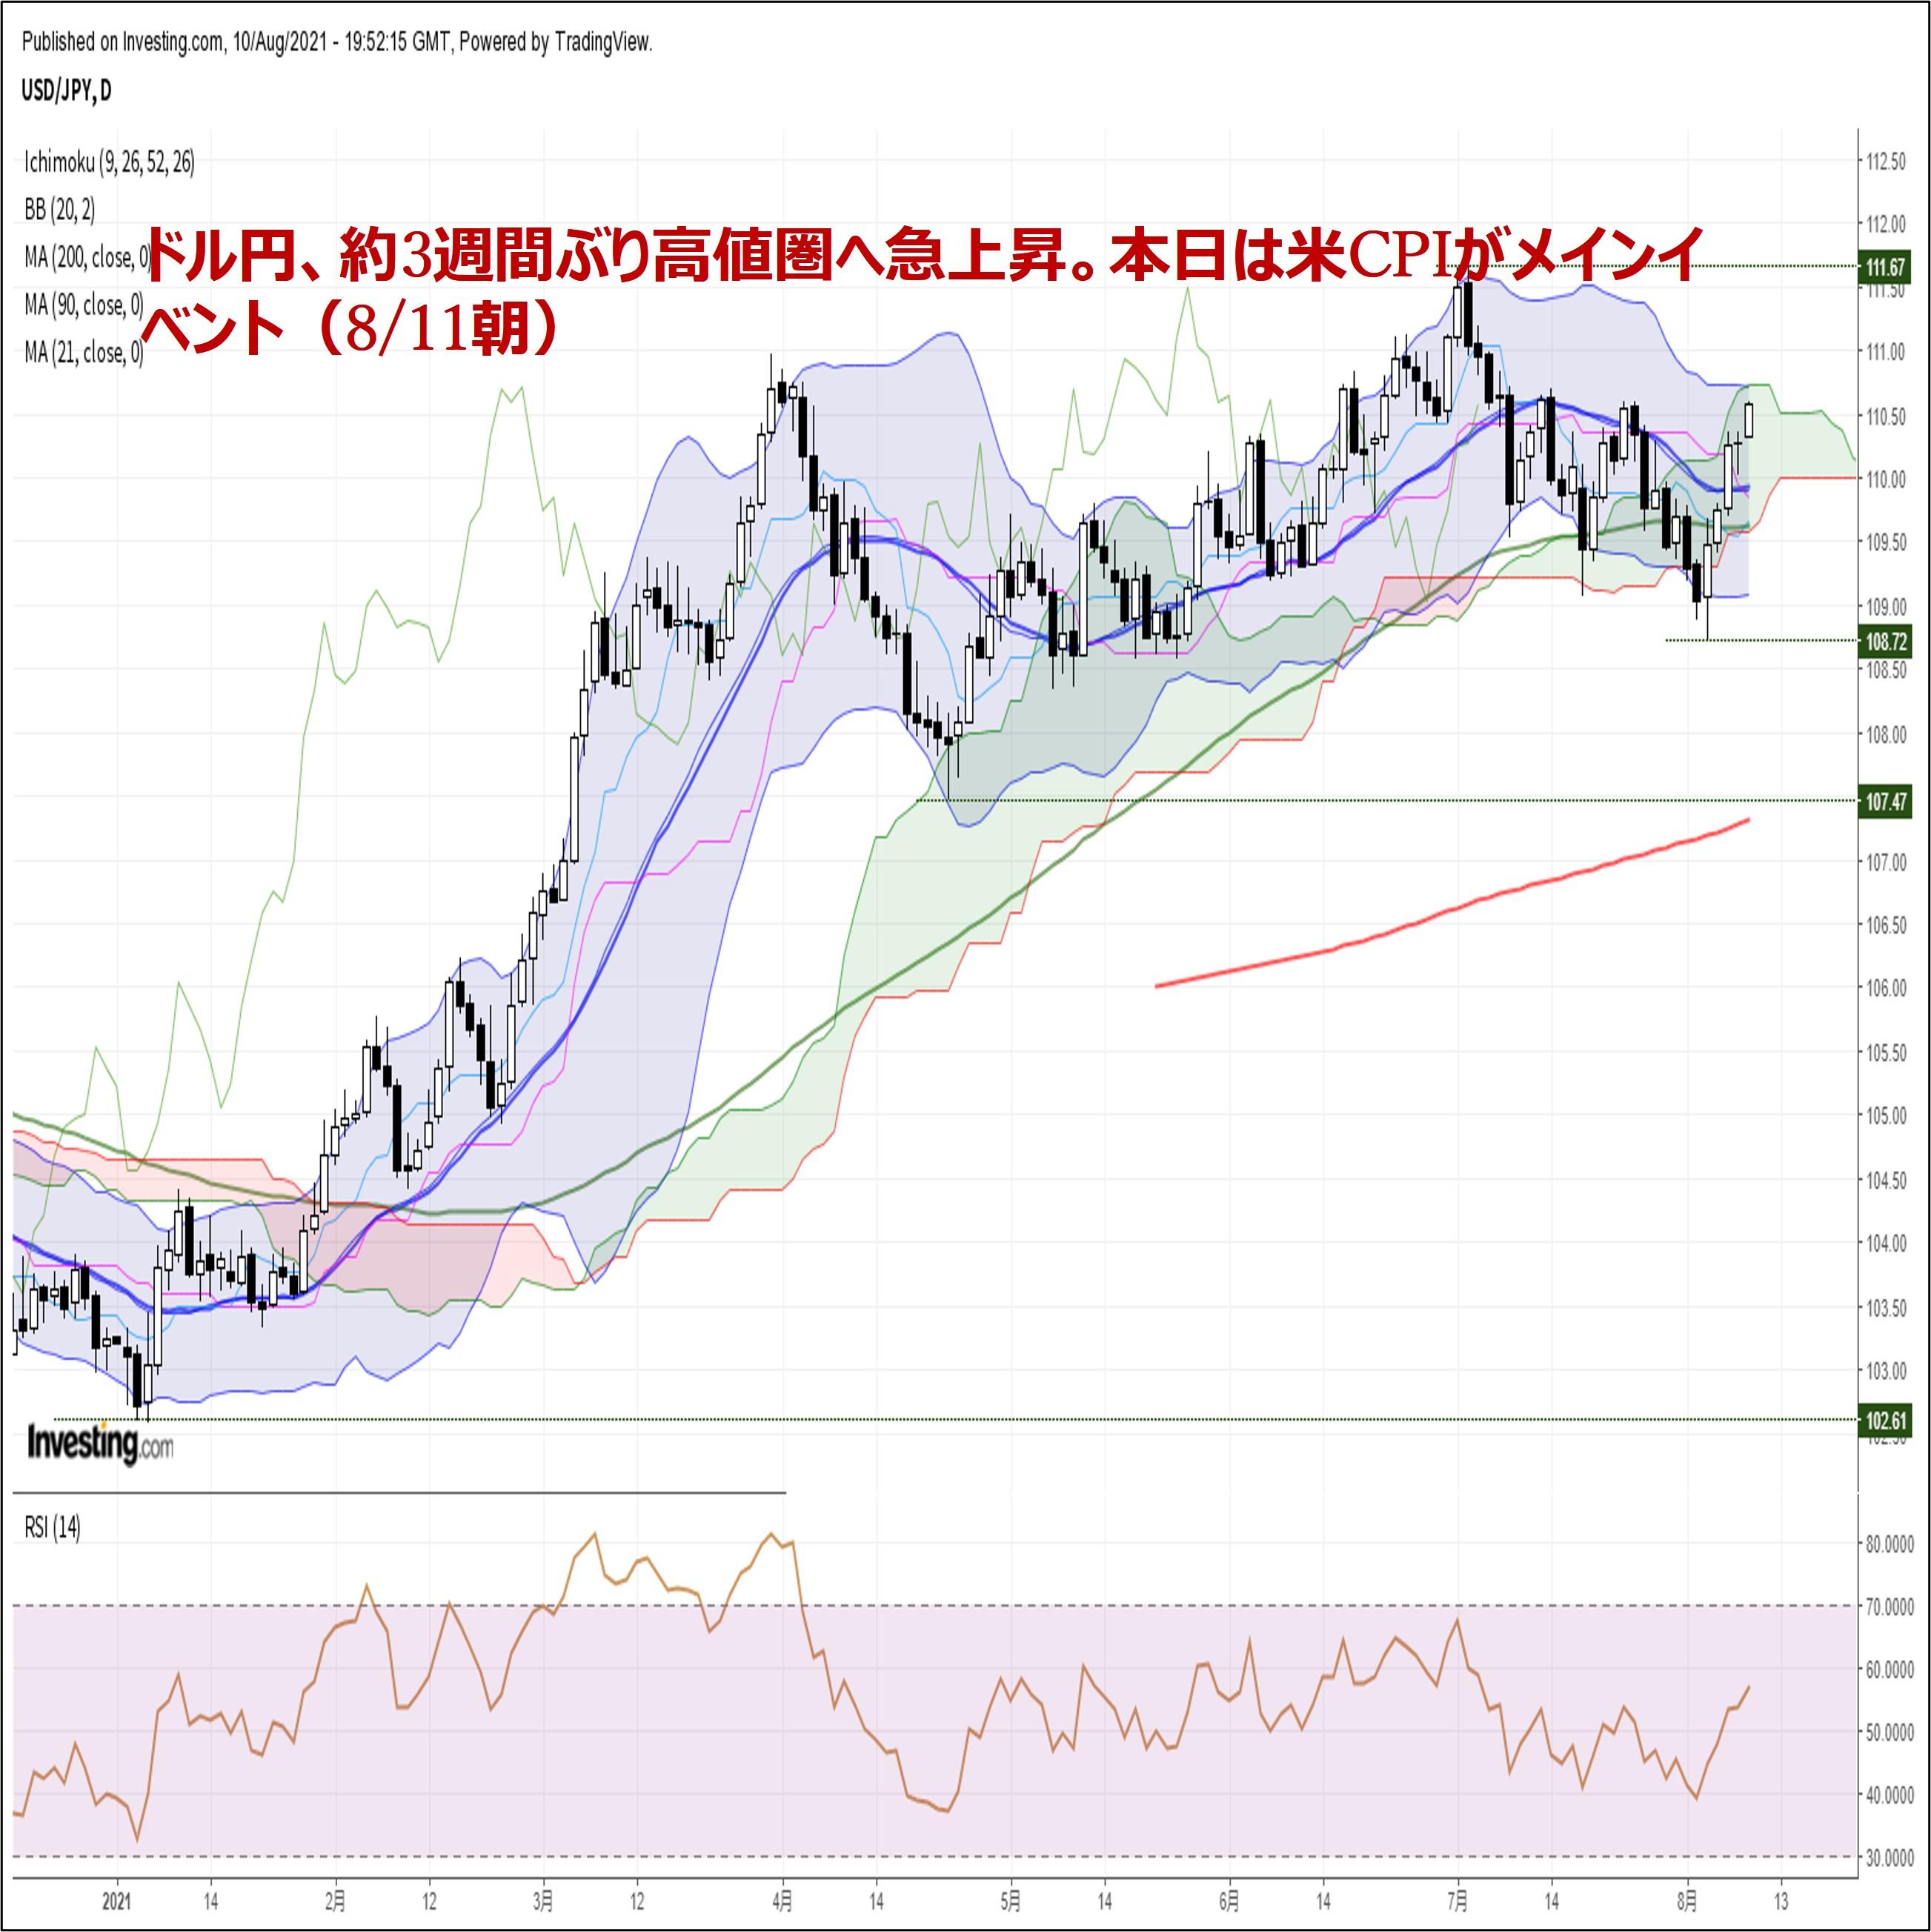 ドル円、約3週間ぶり高値圏へ急上昇。本日は米CPIがメインイベント